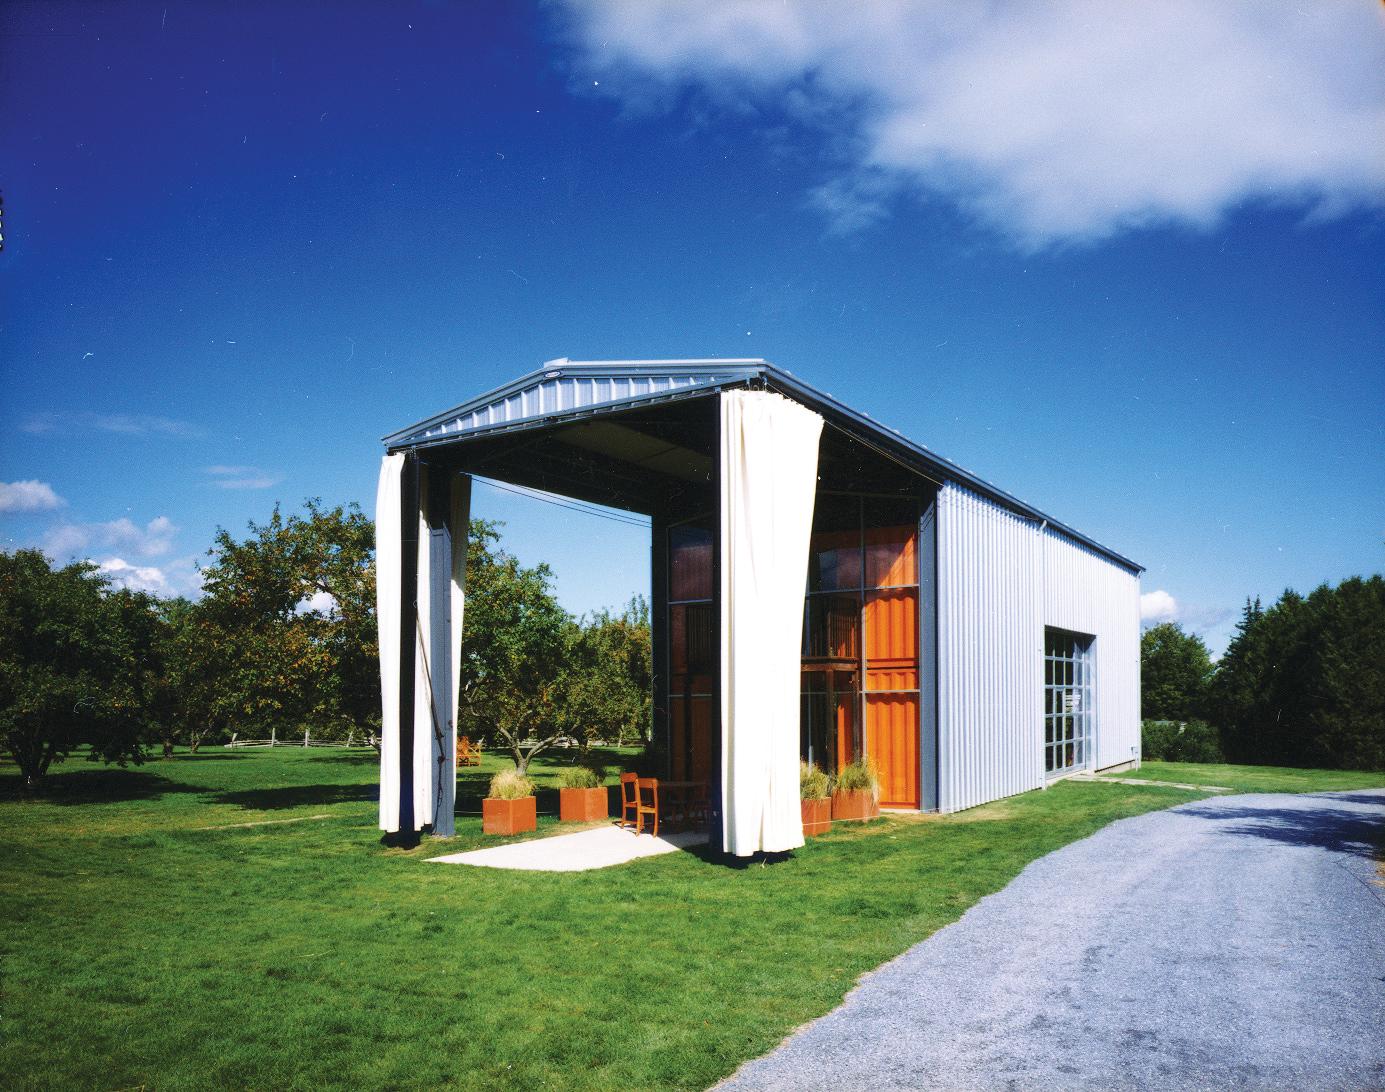 Modern Design Shelburne Vt: National Endowment For The Humanities (NEH